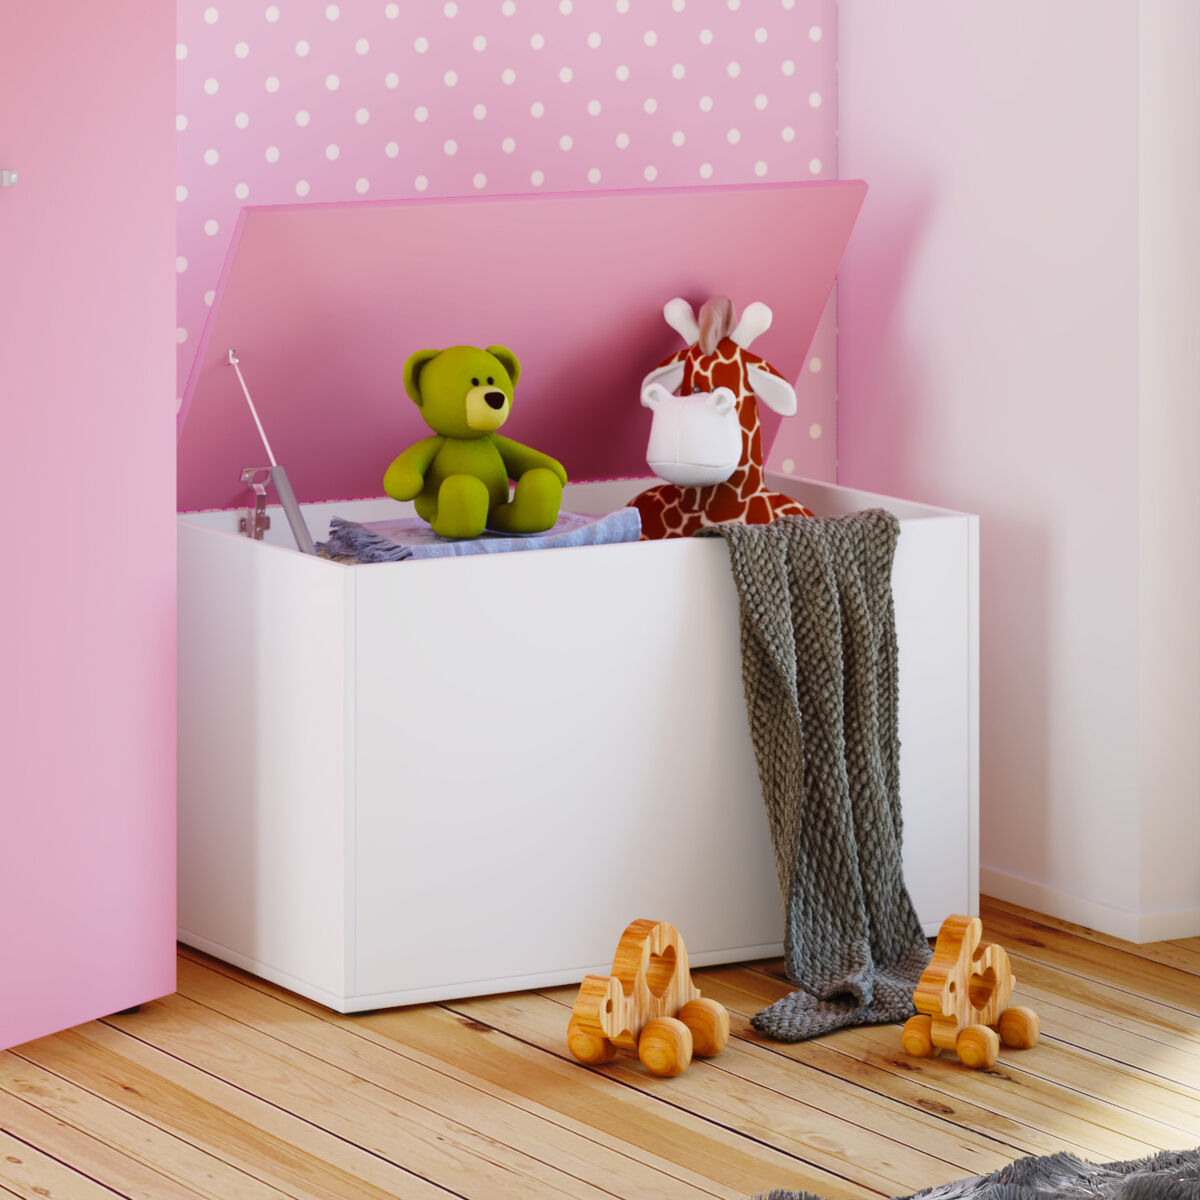 Full Size of Aufbewahrungsbox Mit Deckel Kinderzimmer Vcm Spielzeugkiste Sitztruhe Aufbewahrungsboauflagenbox Sofa Holzfüßen 3 Sitzer Relaxfunktion Schlaffunktion Kinderzimmer Aufbewahrungsbox Mit Deckel Kinderzimmer